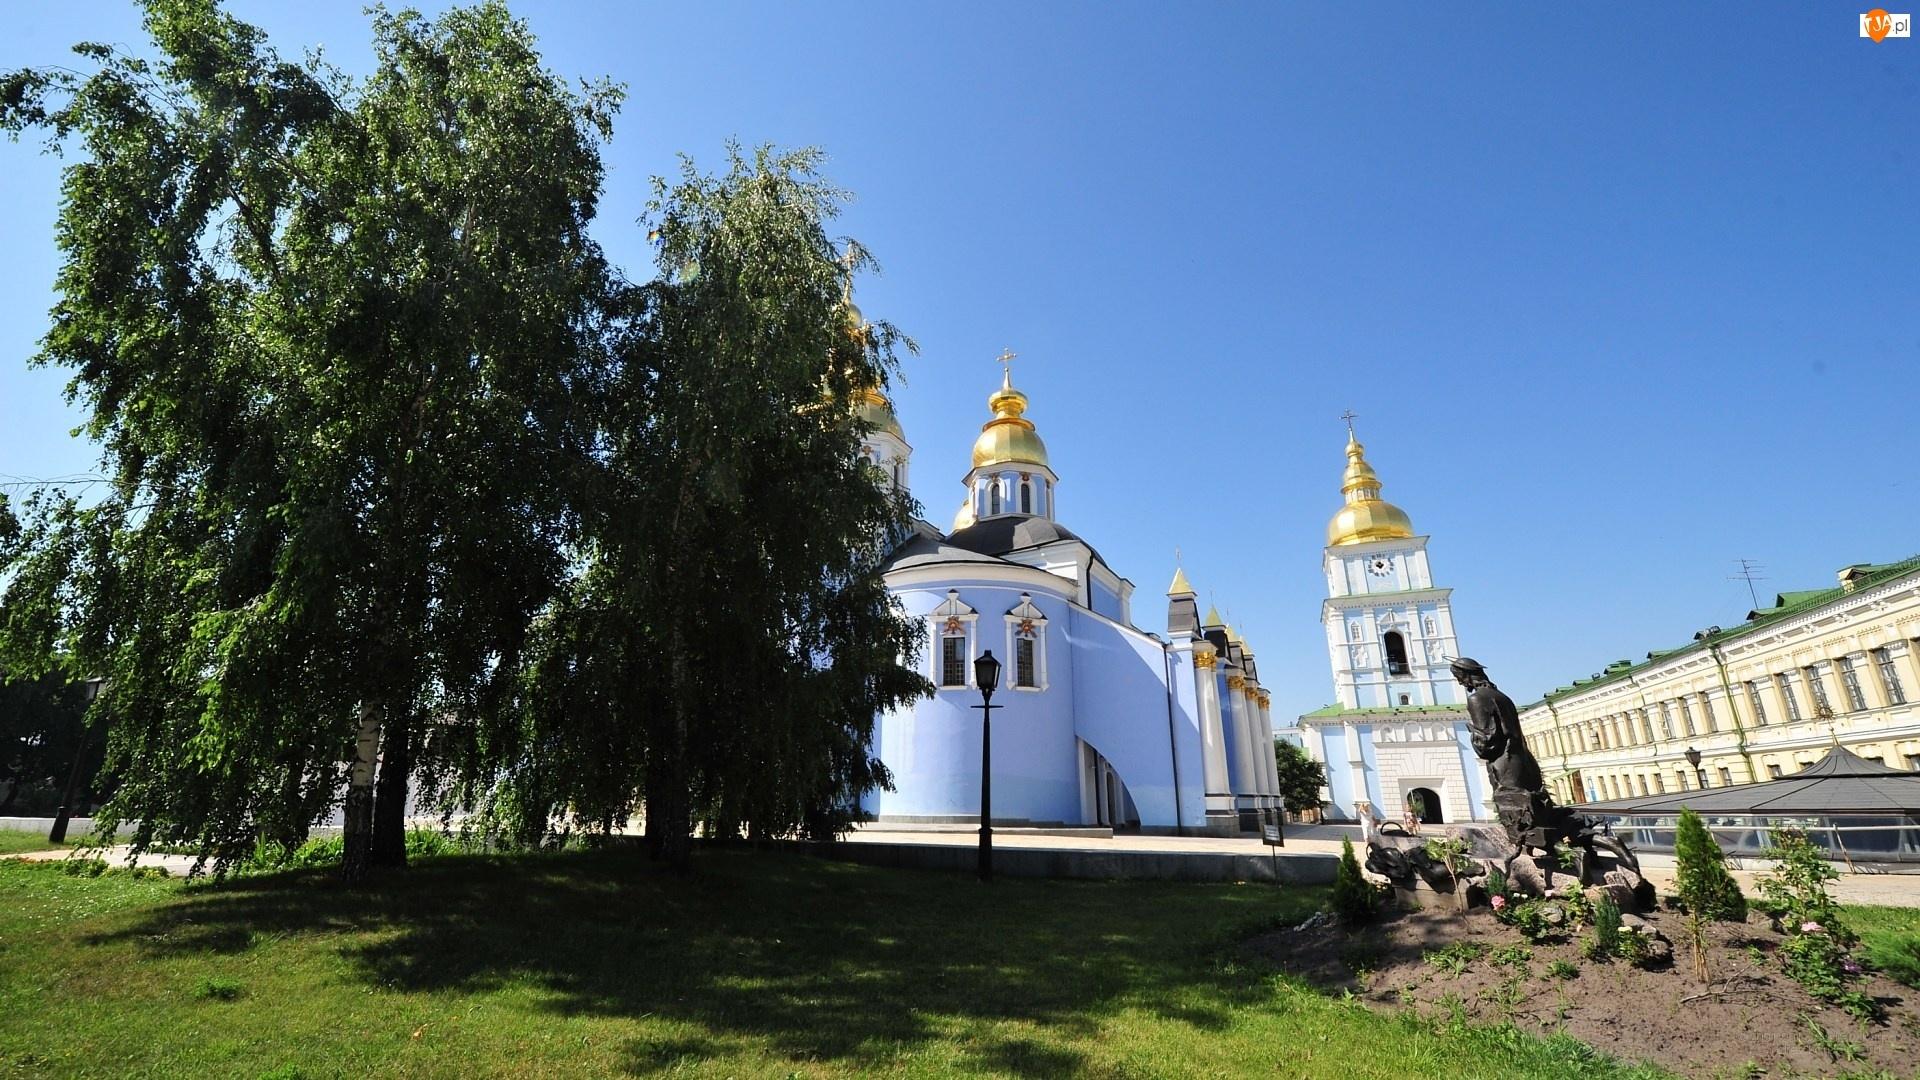 Cerkiew, Ukraina, Św.Michała Archanioła, Kijów